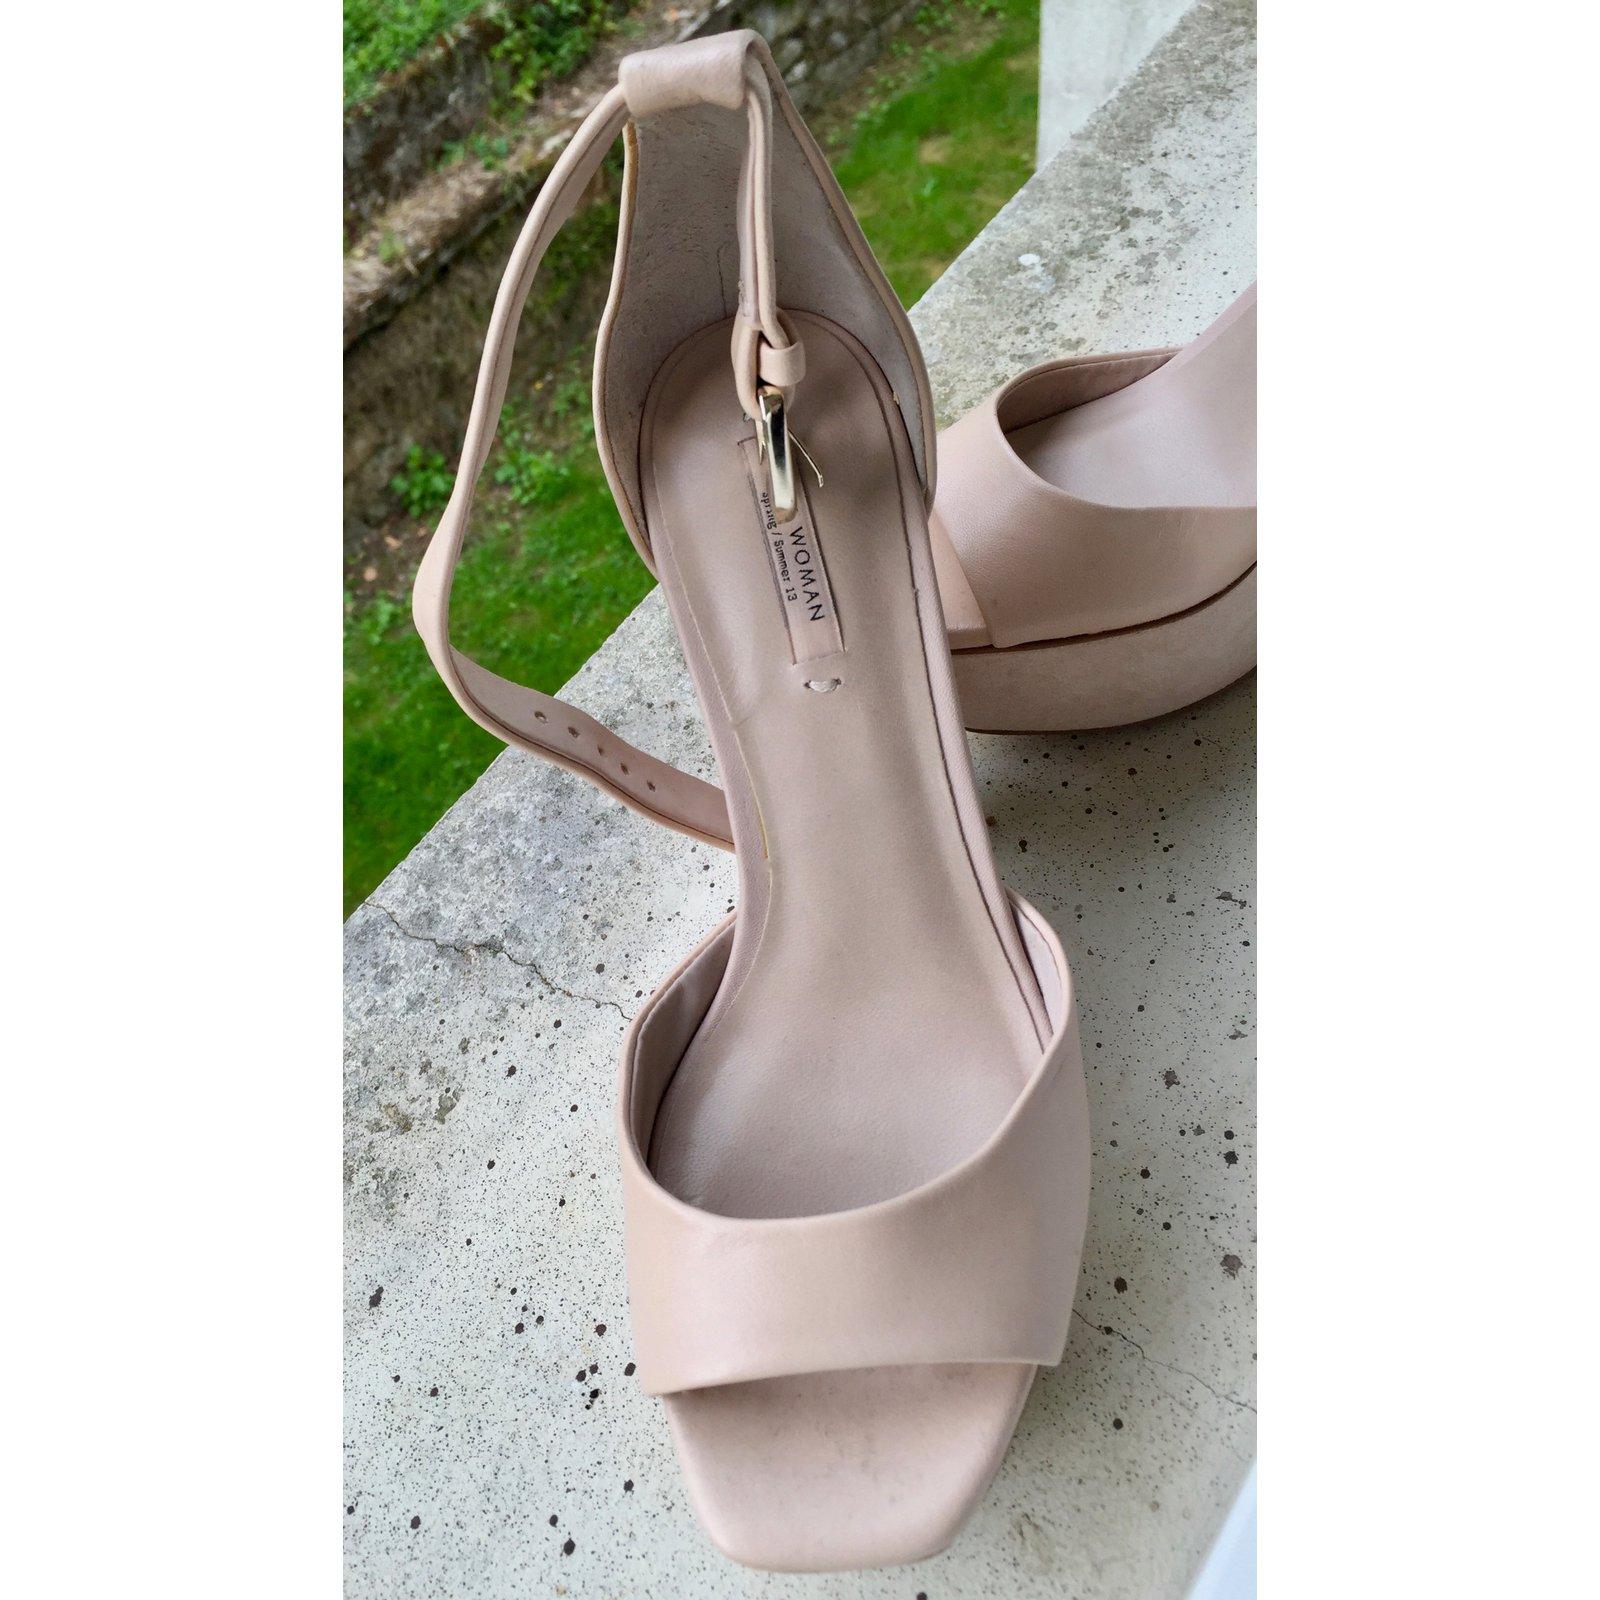 Zara High Heels Summer Sandals 2018 9E2IHD